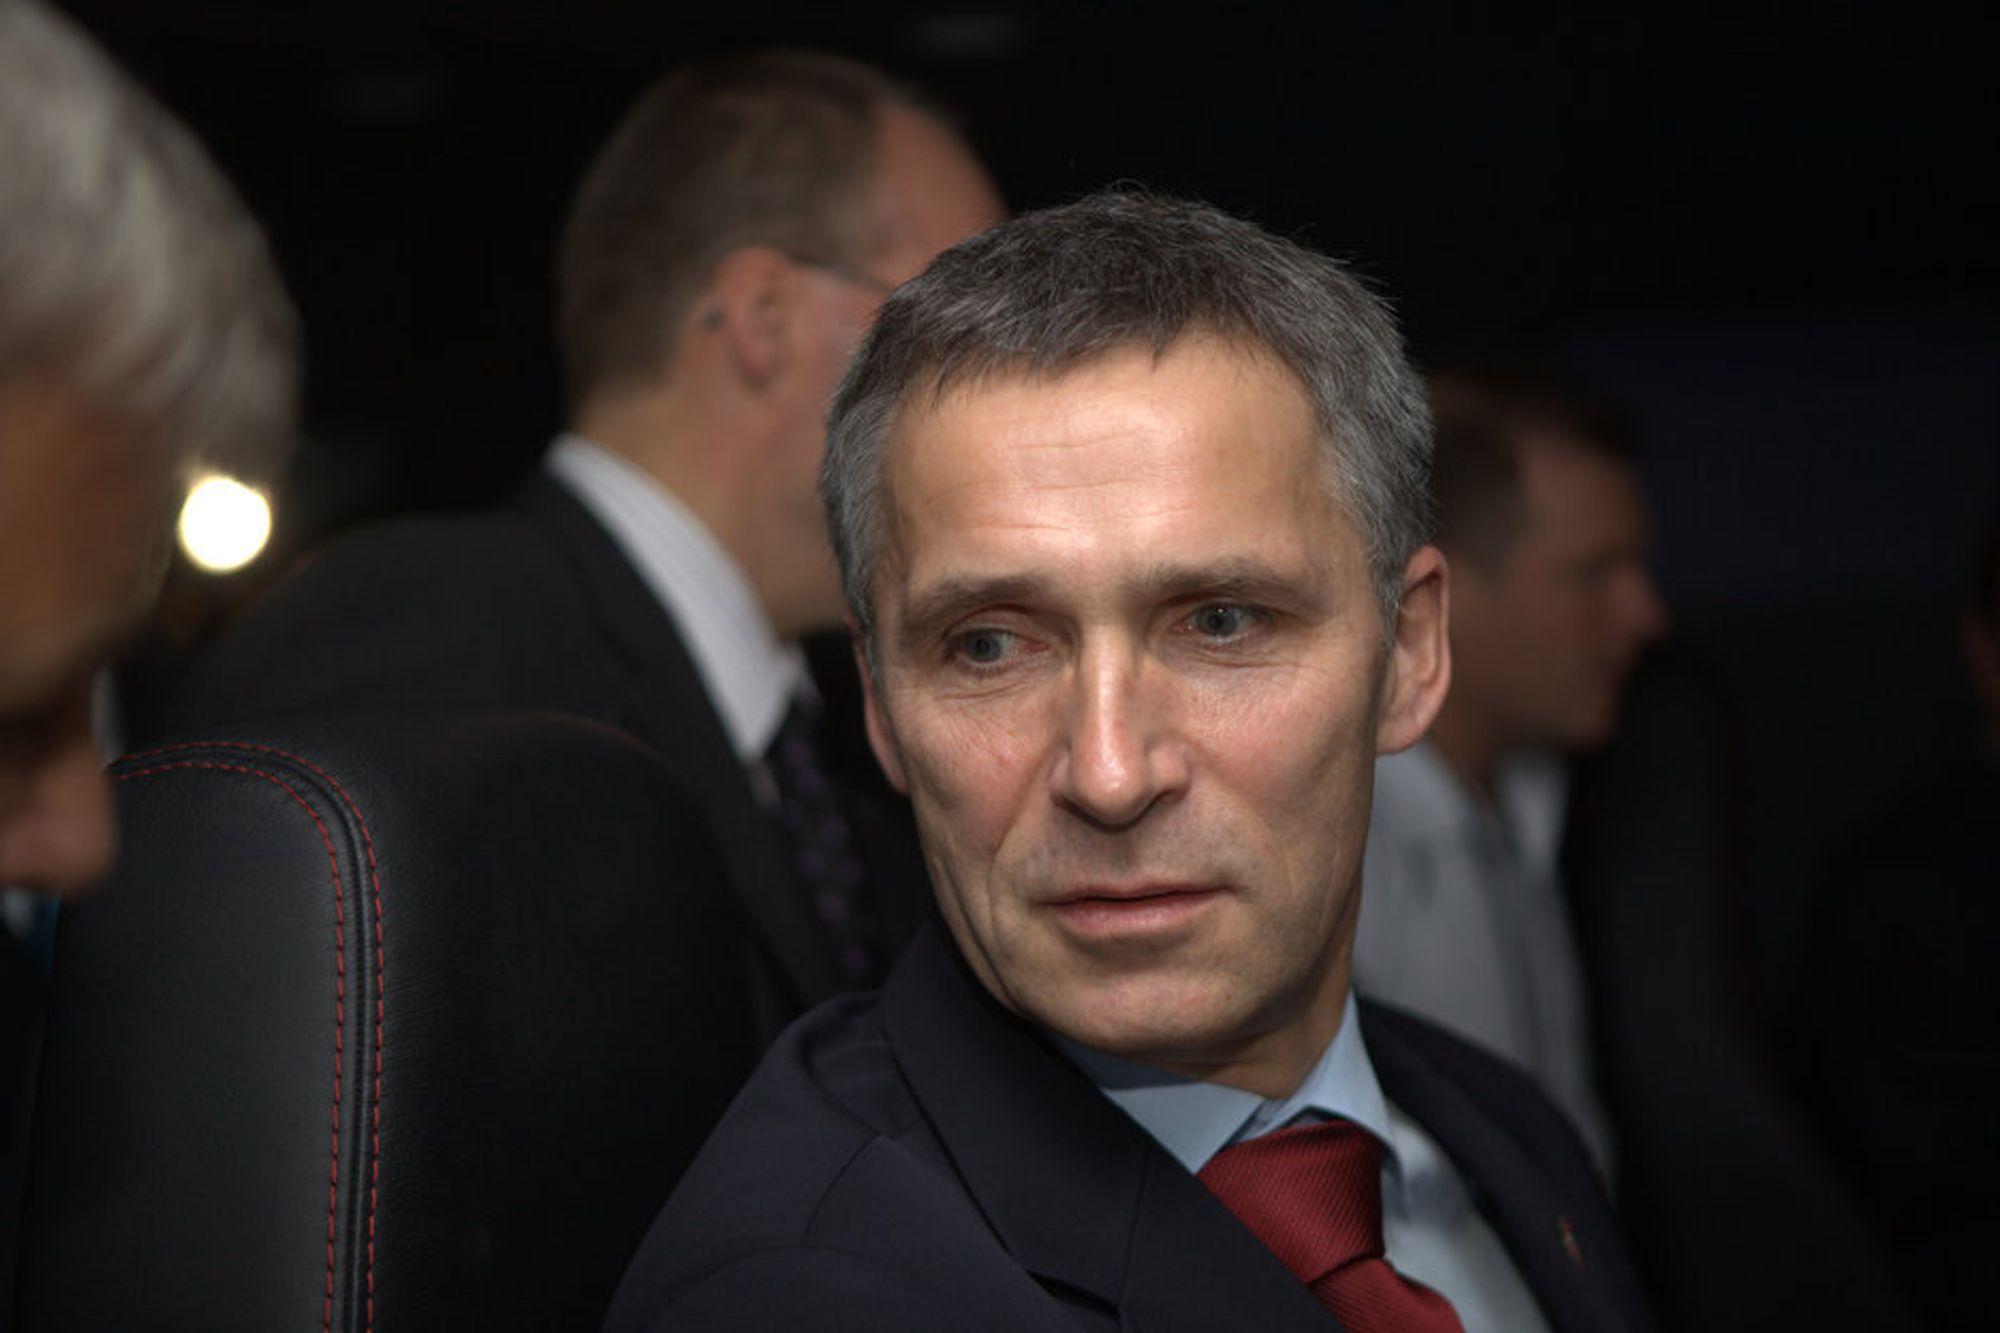 Statsminister Jens Stoltenberg forbereder seg på fremtidige tvister med russerne om grenseoverskridende oljefunn.